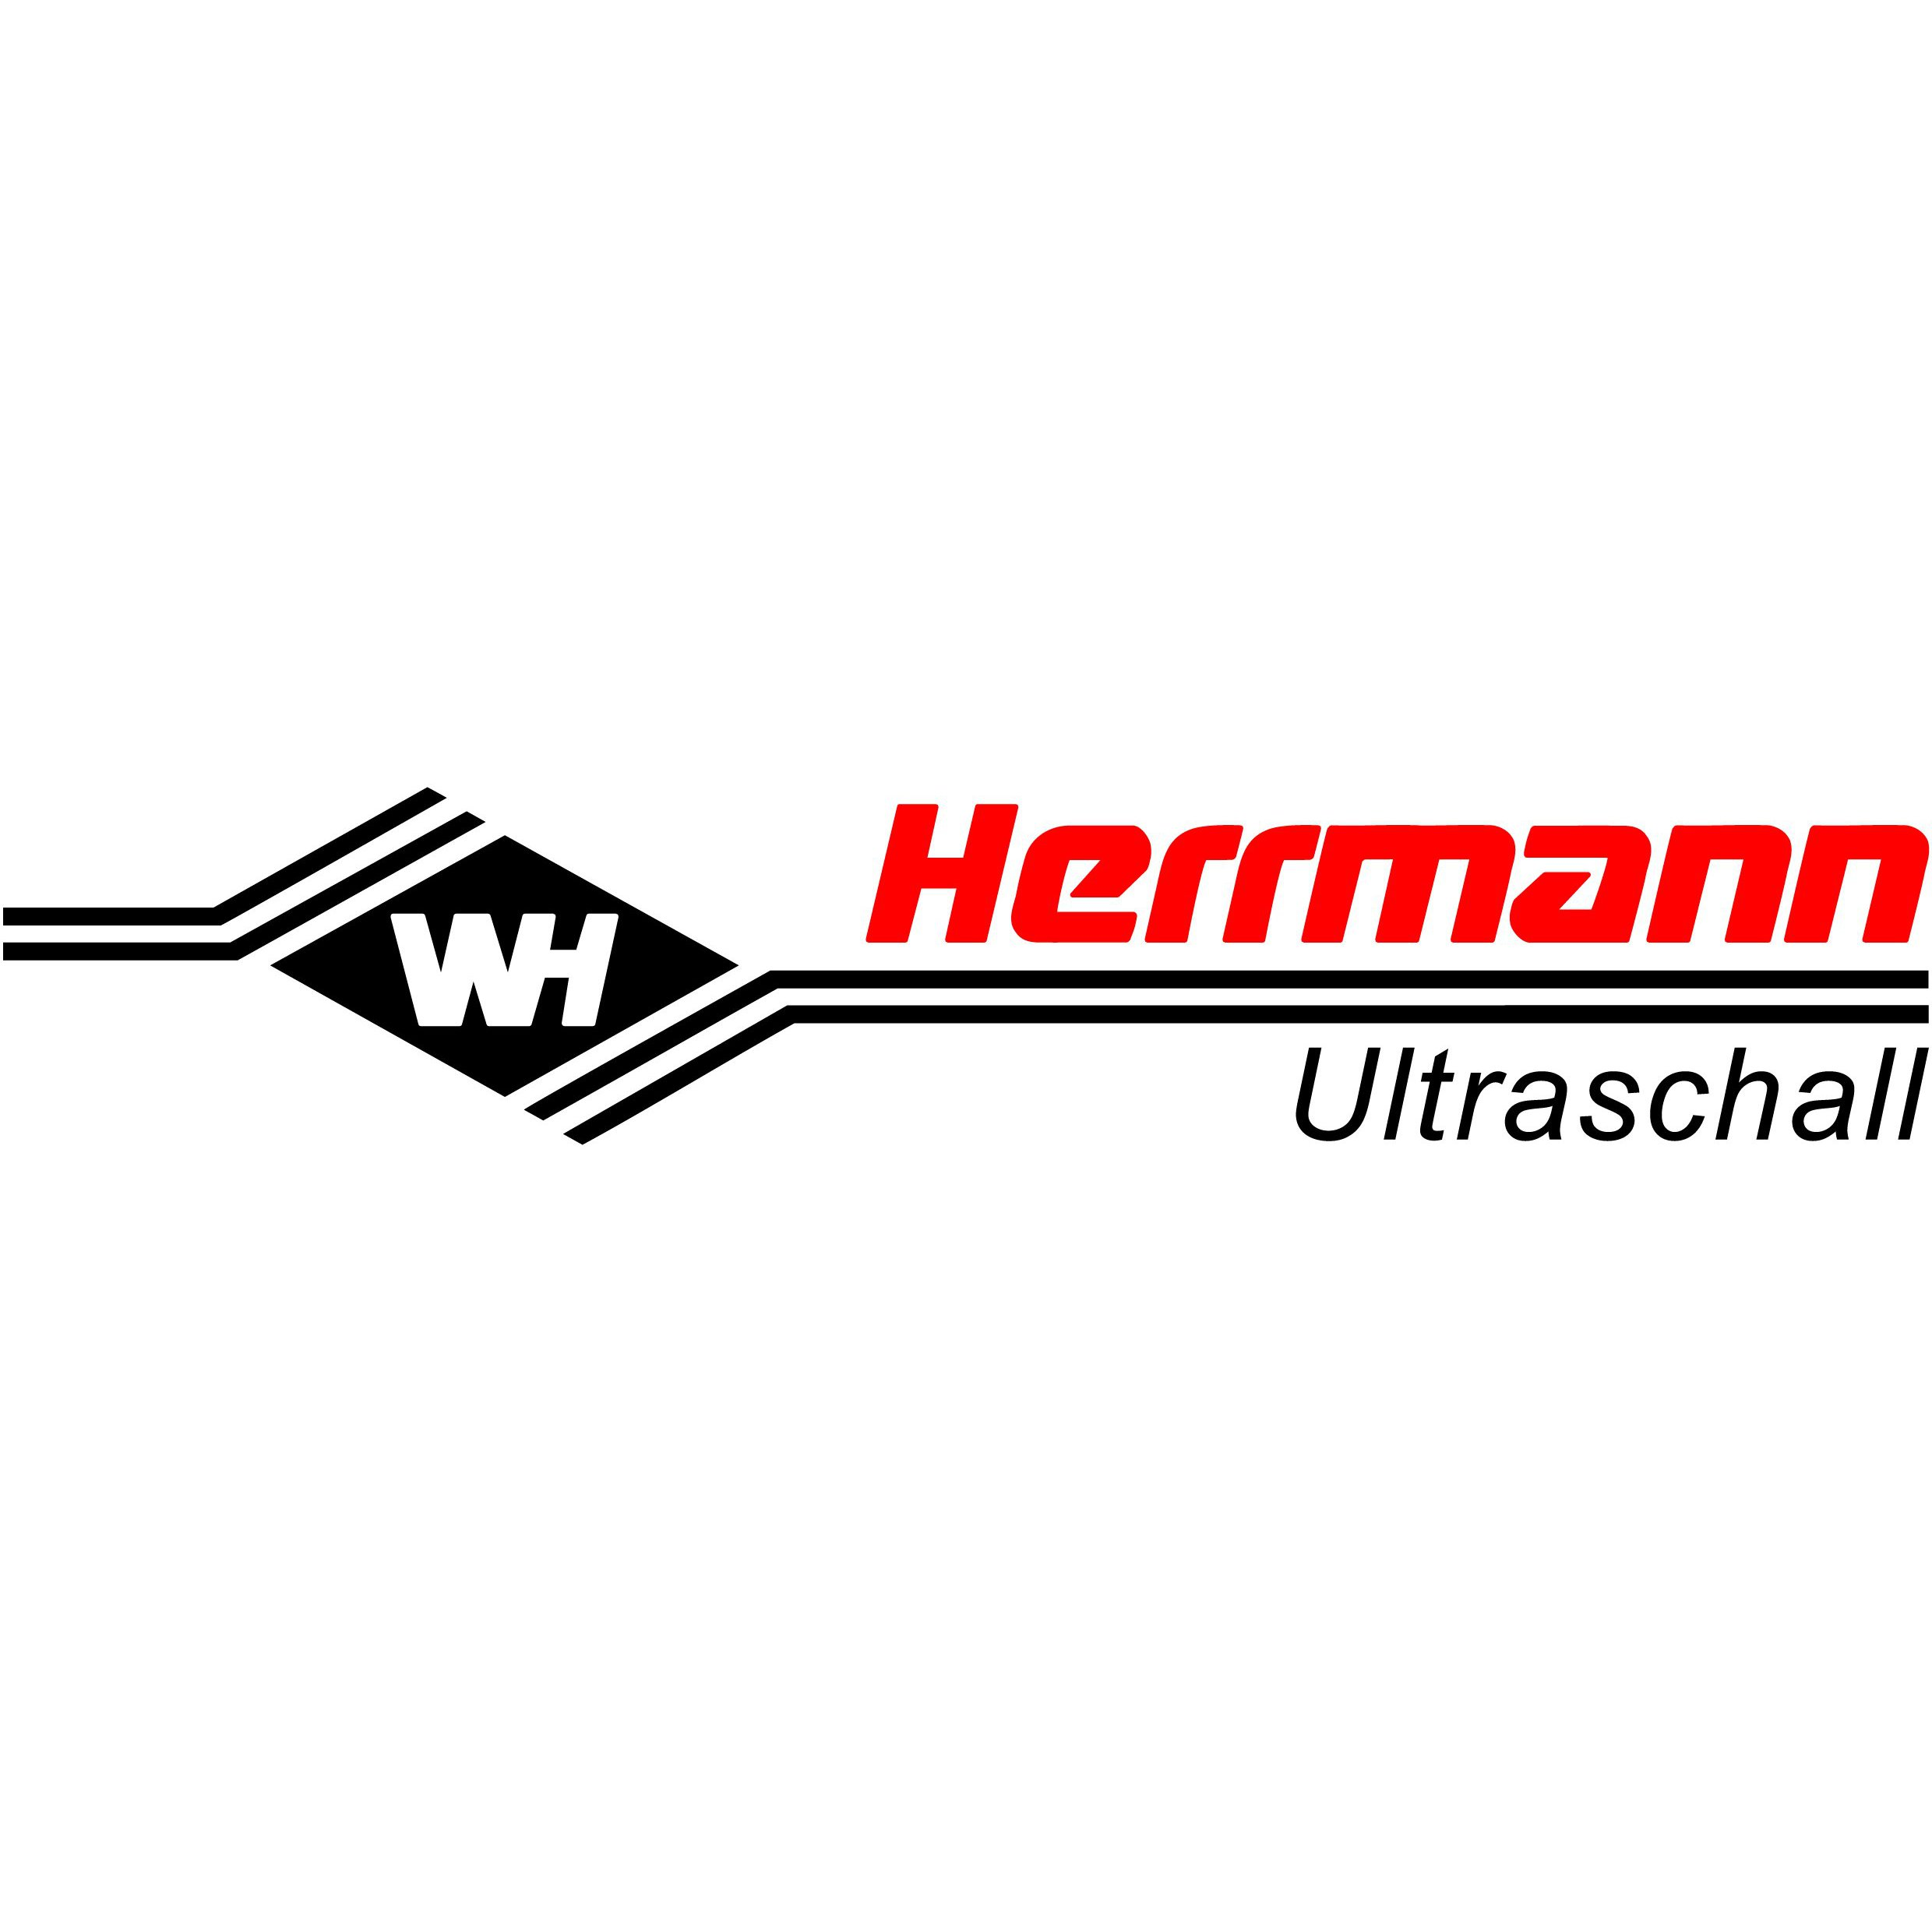 Bild zu Herrmann Ultraschalltechnik GmbH & Co. KG in Karlsbad